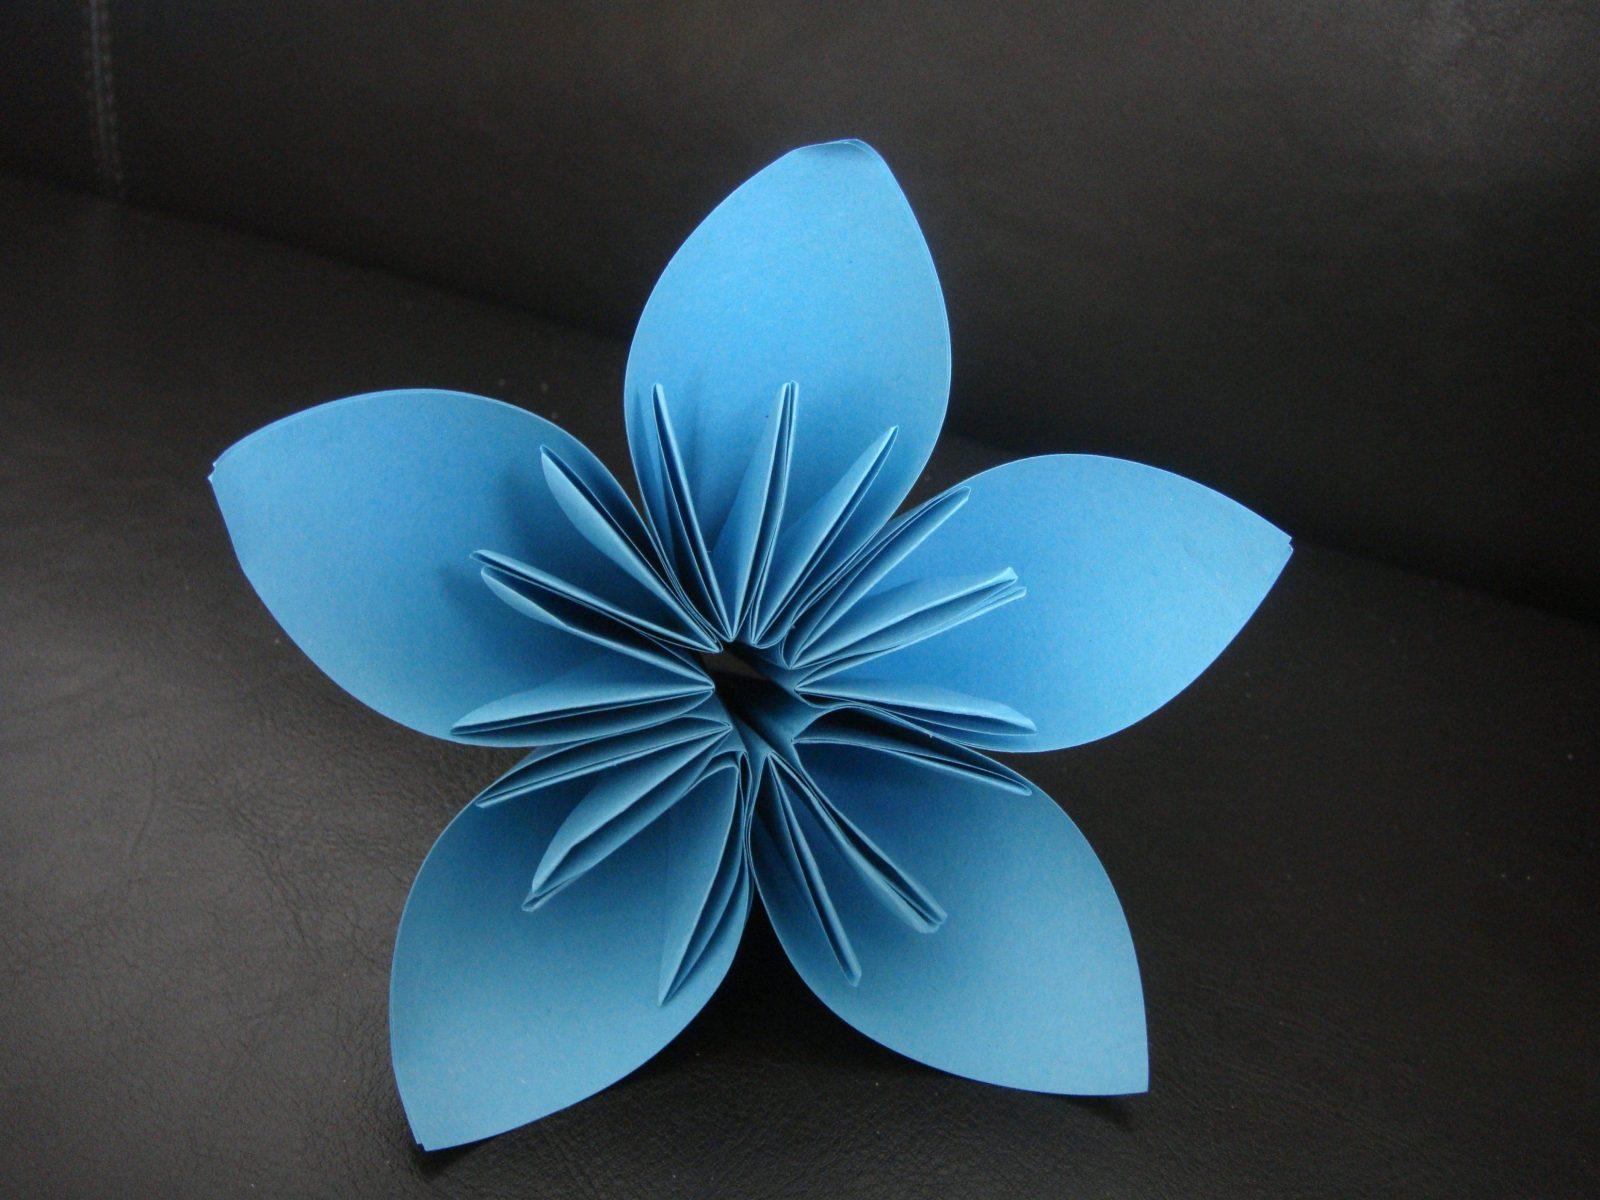 Papier Blume Falten Mit Kusuduma Blume Katnissdean 6 Und Dsc04528